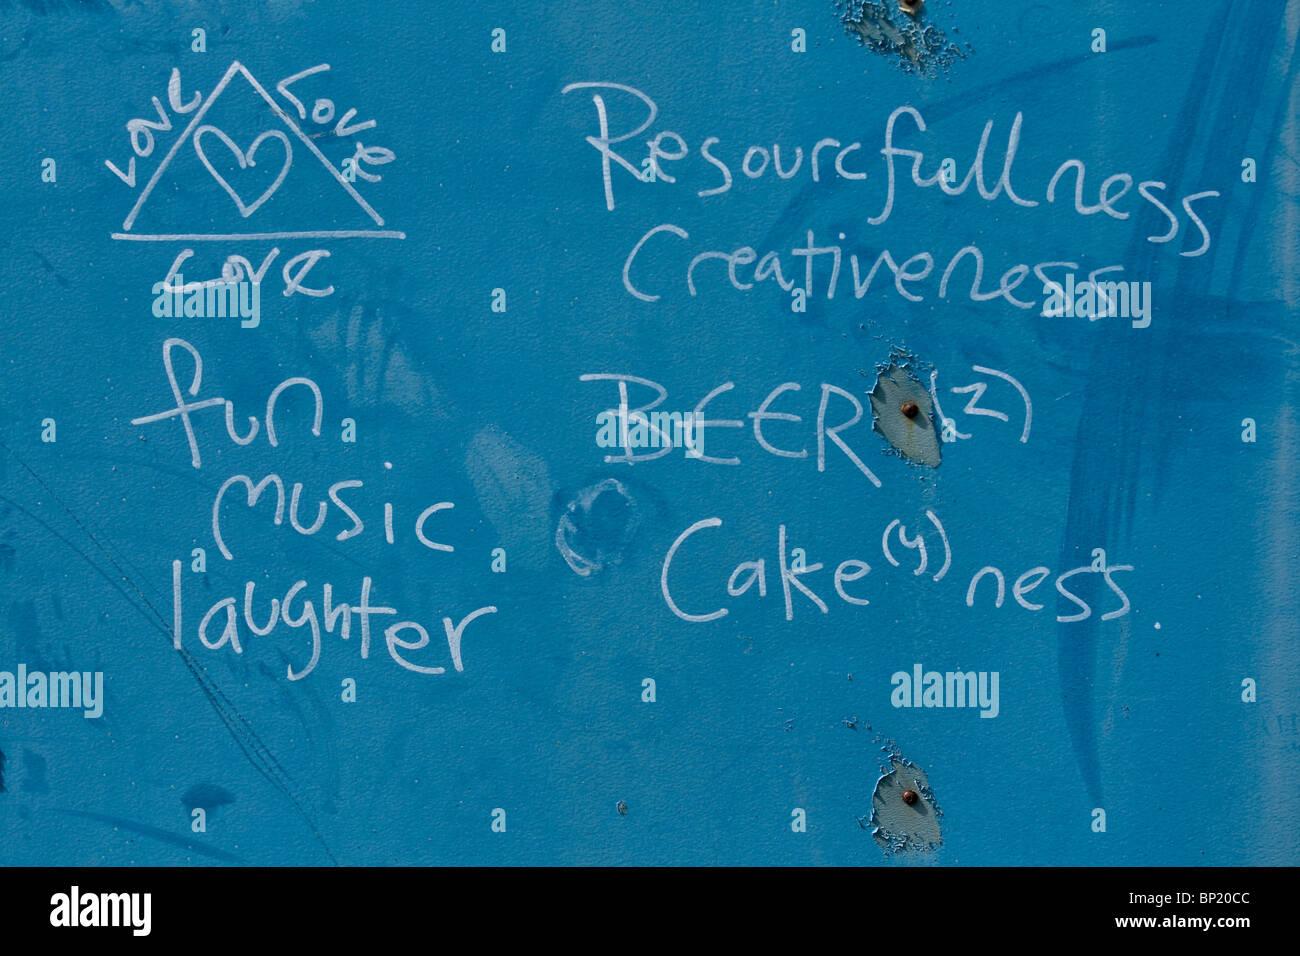 Amusant graffitis sur un mur bleu vantant l'amour fun music et le rire. Et de la bière. Tous nous avons besoin d'un monde meilleur. Banque D'Images